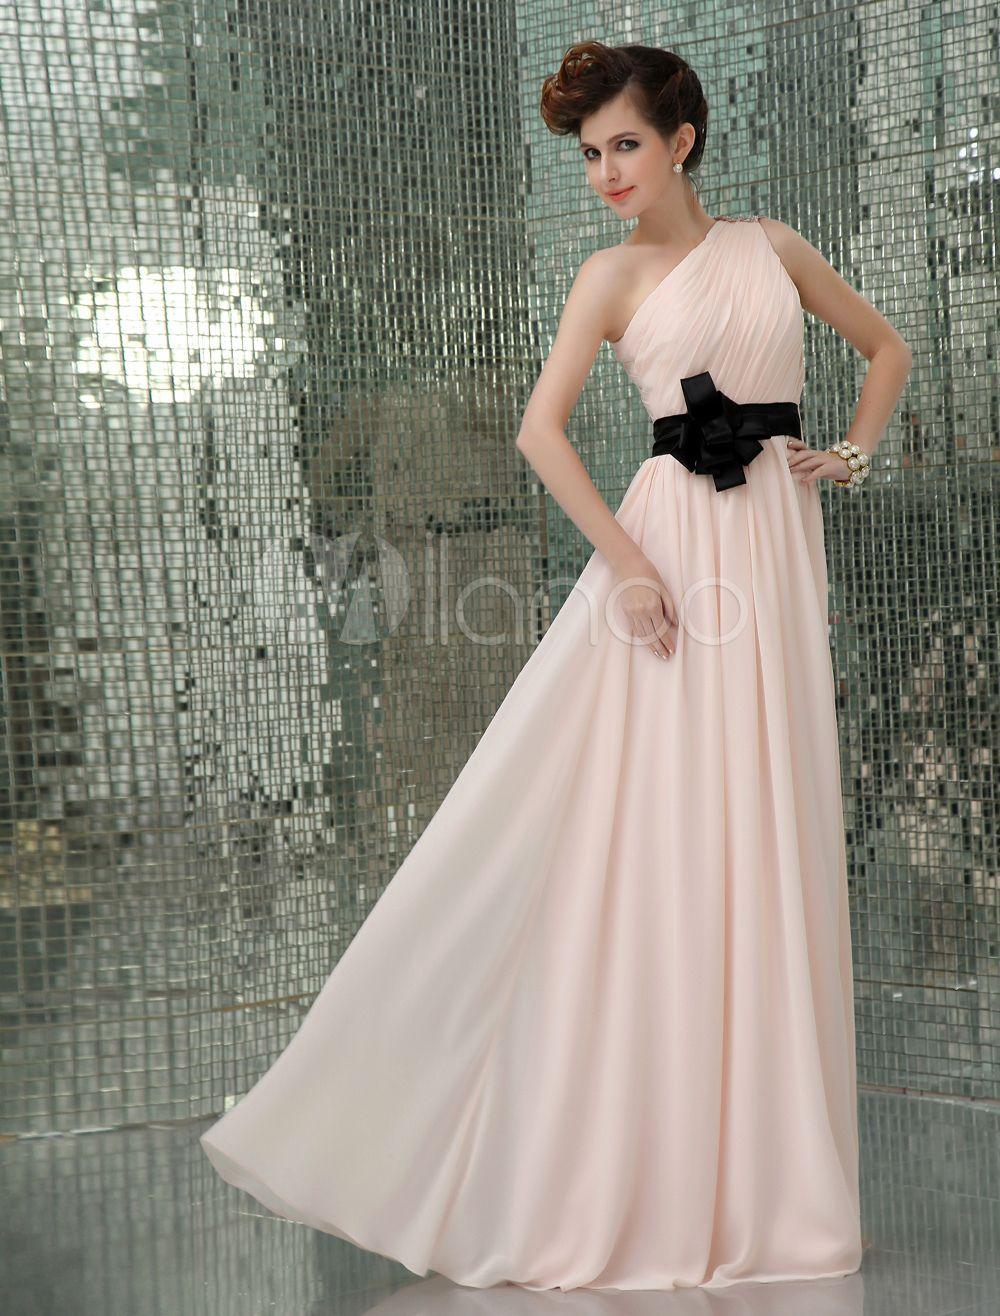 Evening wedding guest dresses  OneShoulder Sash Evening Dress Wedding Guest Dress  Bridesmaid